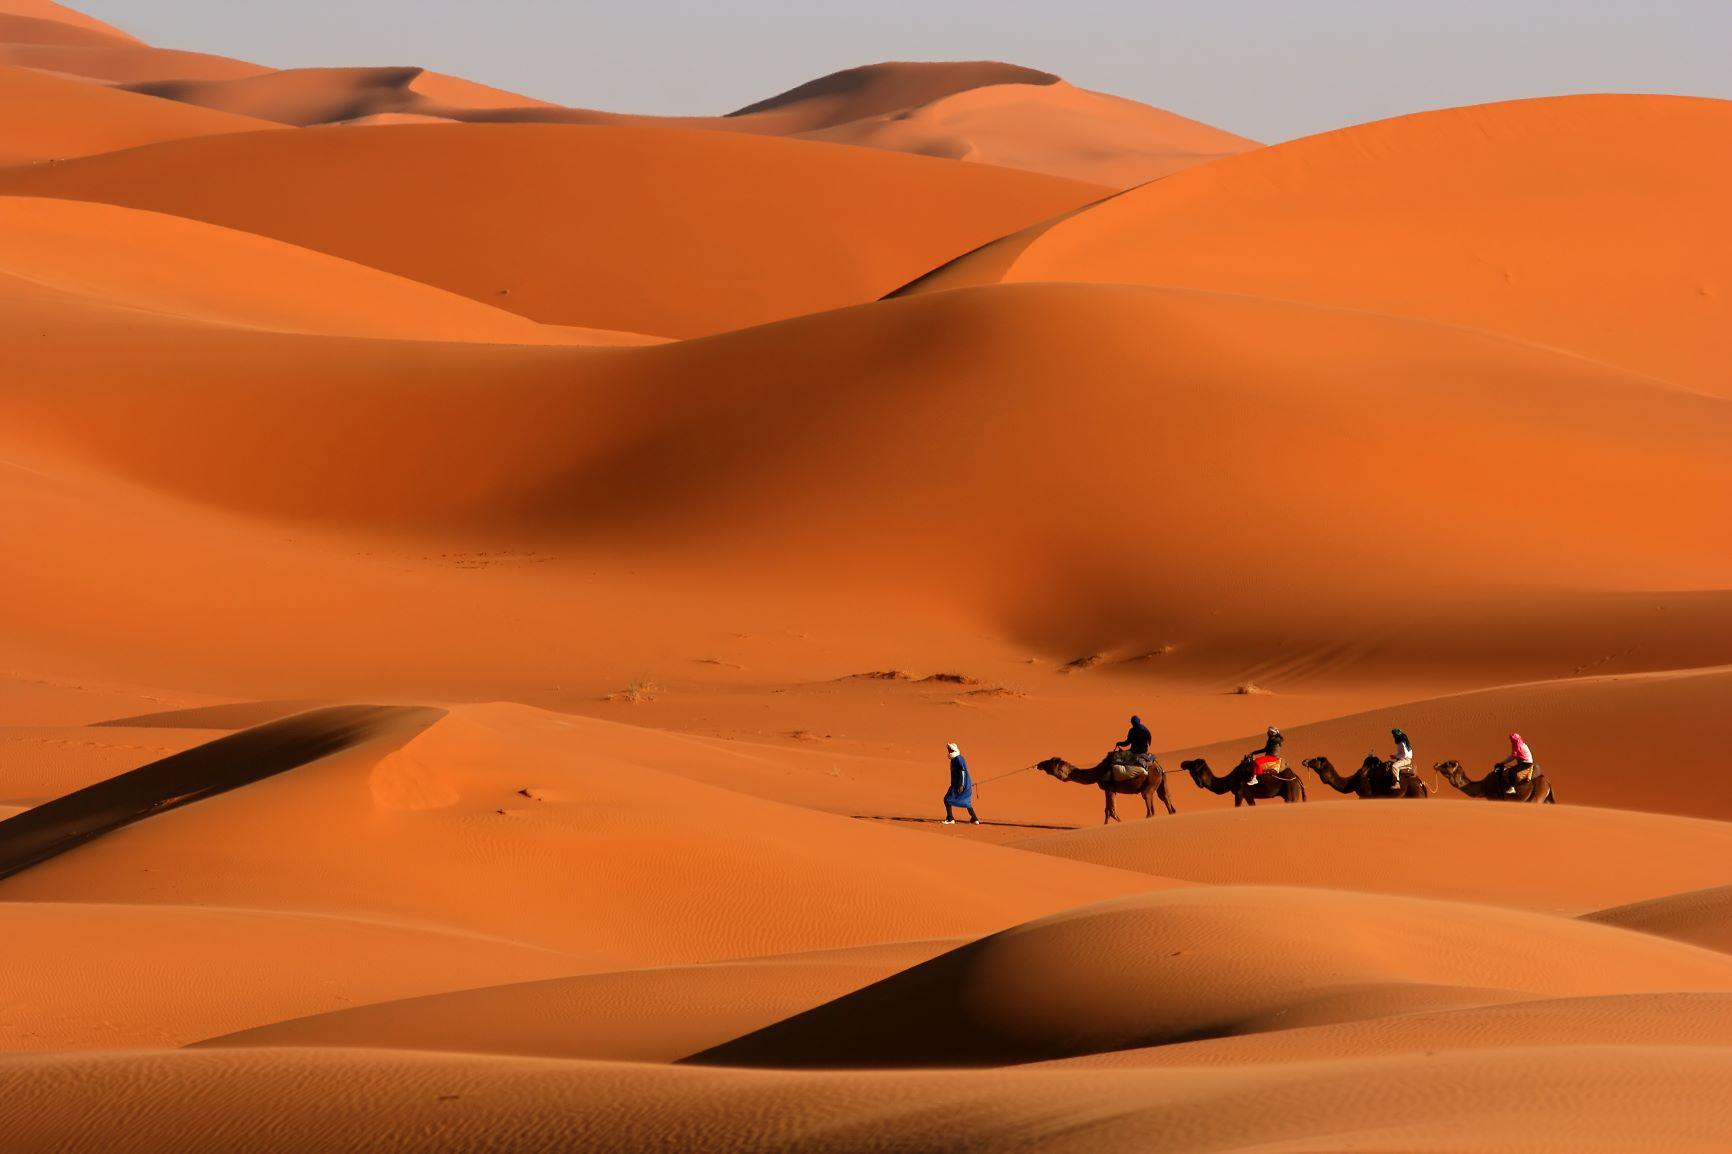 Marrakech. Lujo gastronómico. Nuba everywhere. Caravana de camellos